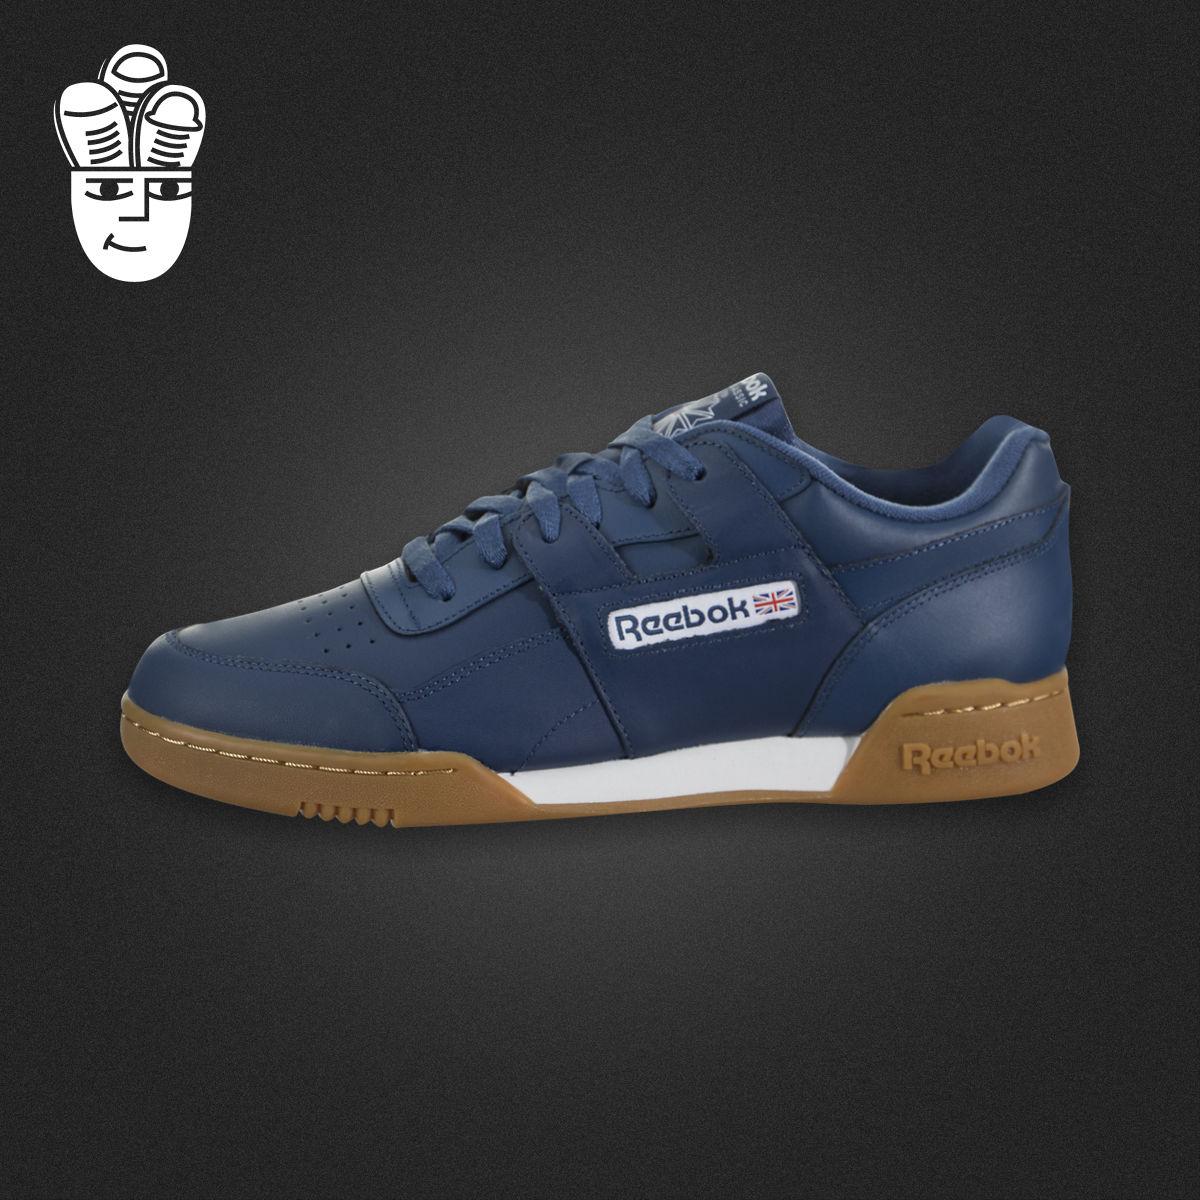 Reebok Workout Plus 锐步男鞋 运动休闲鞋 经典板鞋